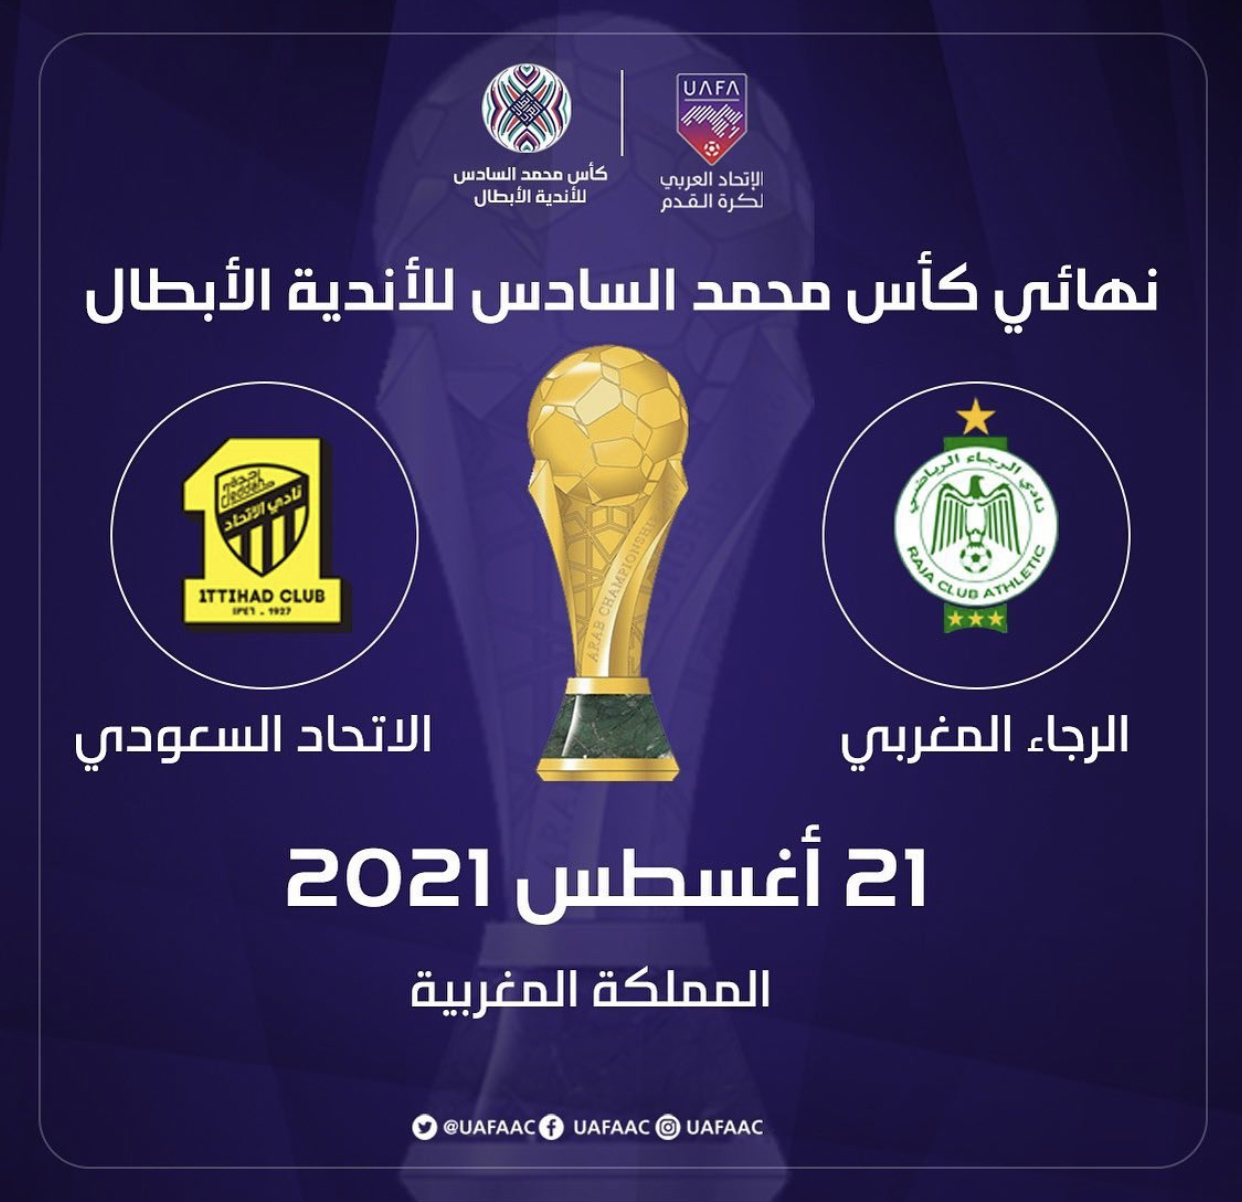 نهائي كأس محمد السادس في موعده